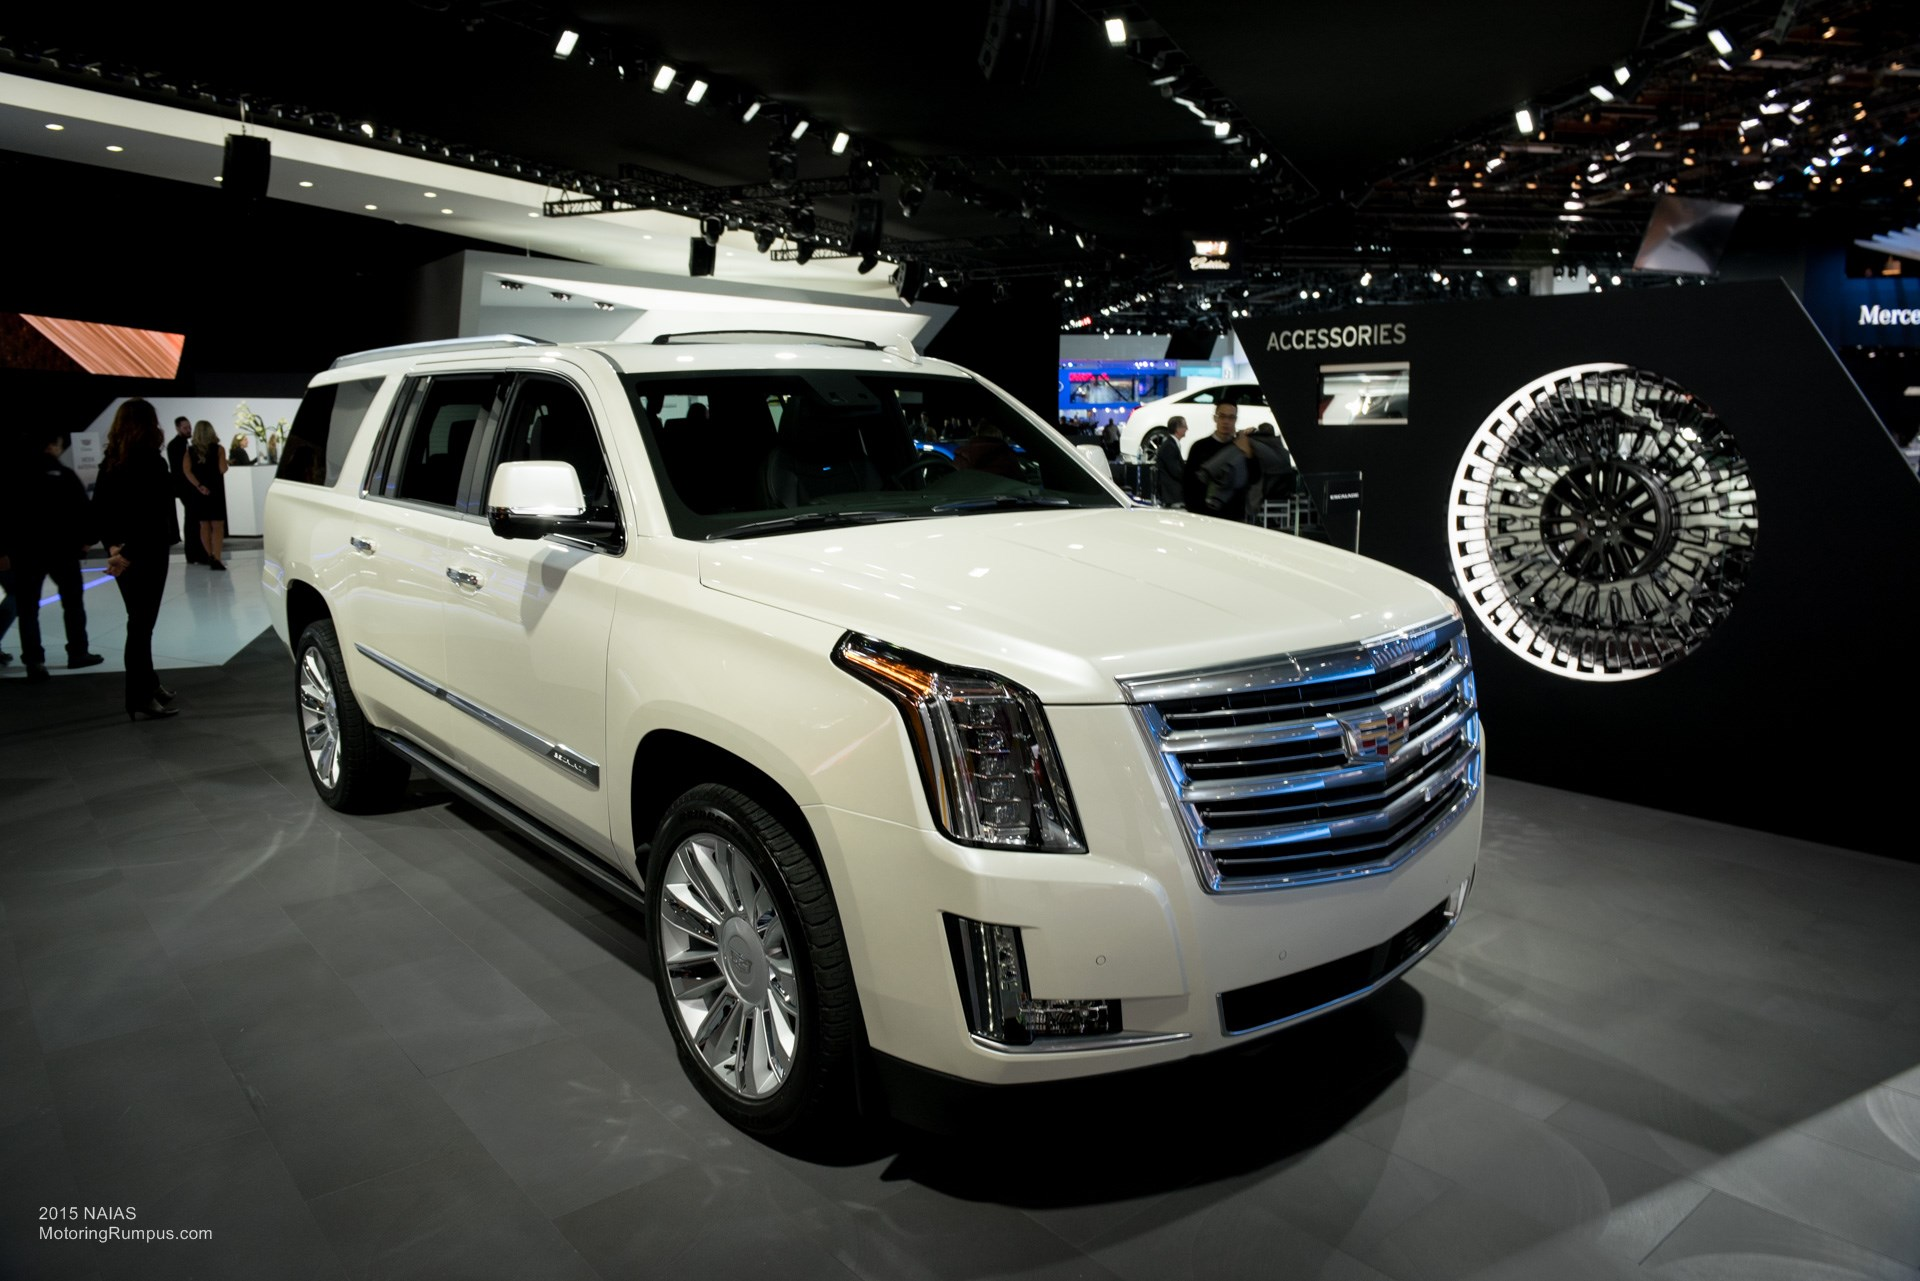 2015 NAIAS Cadillac Escalade